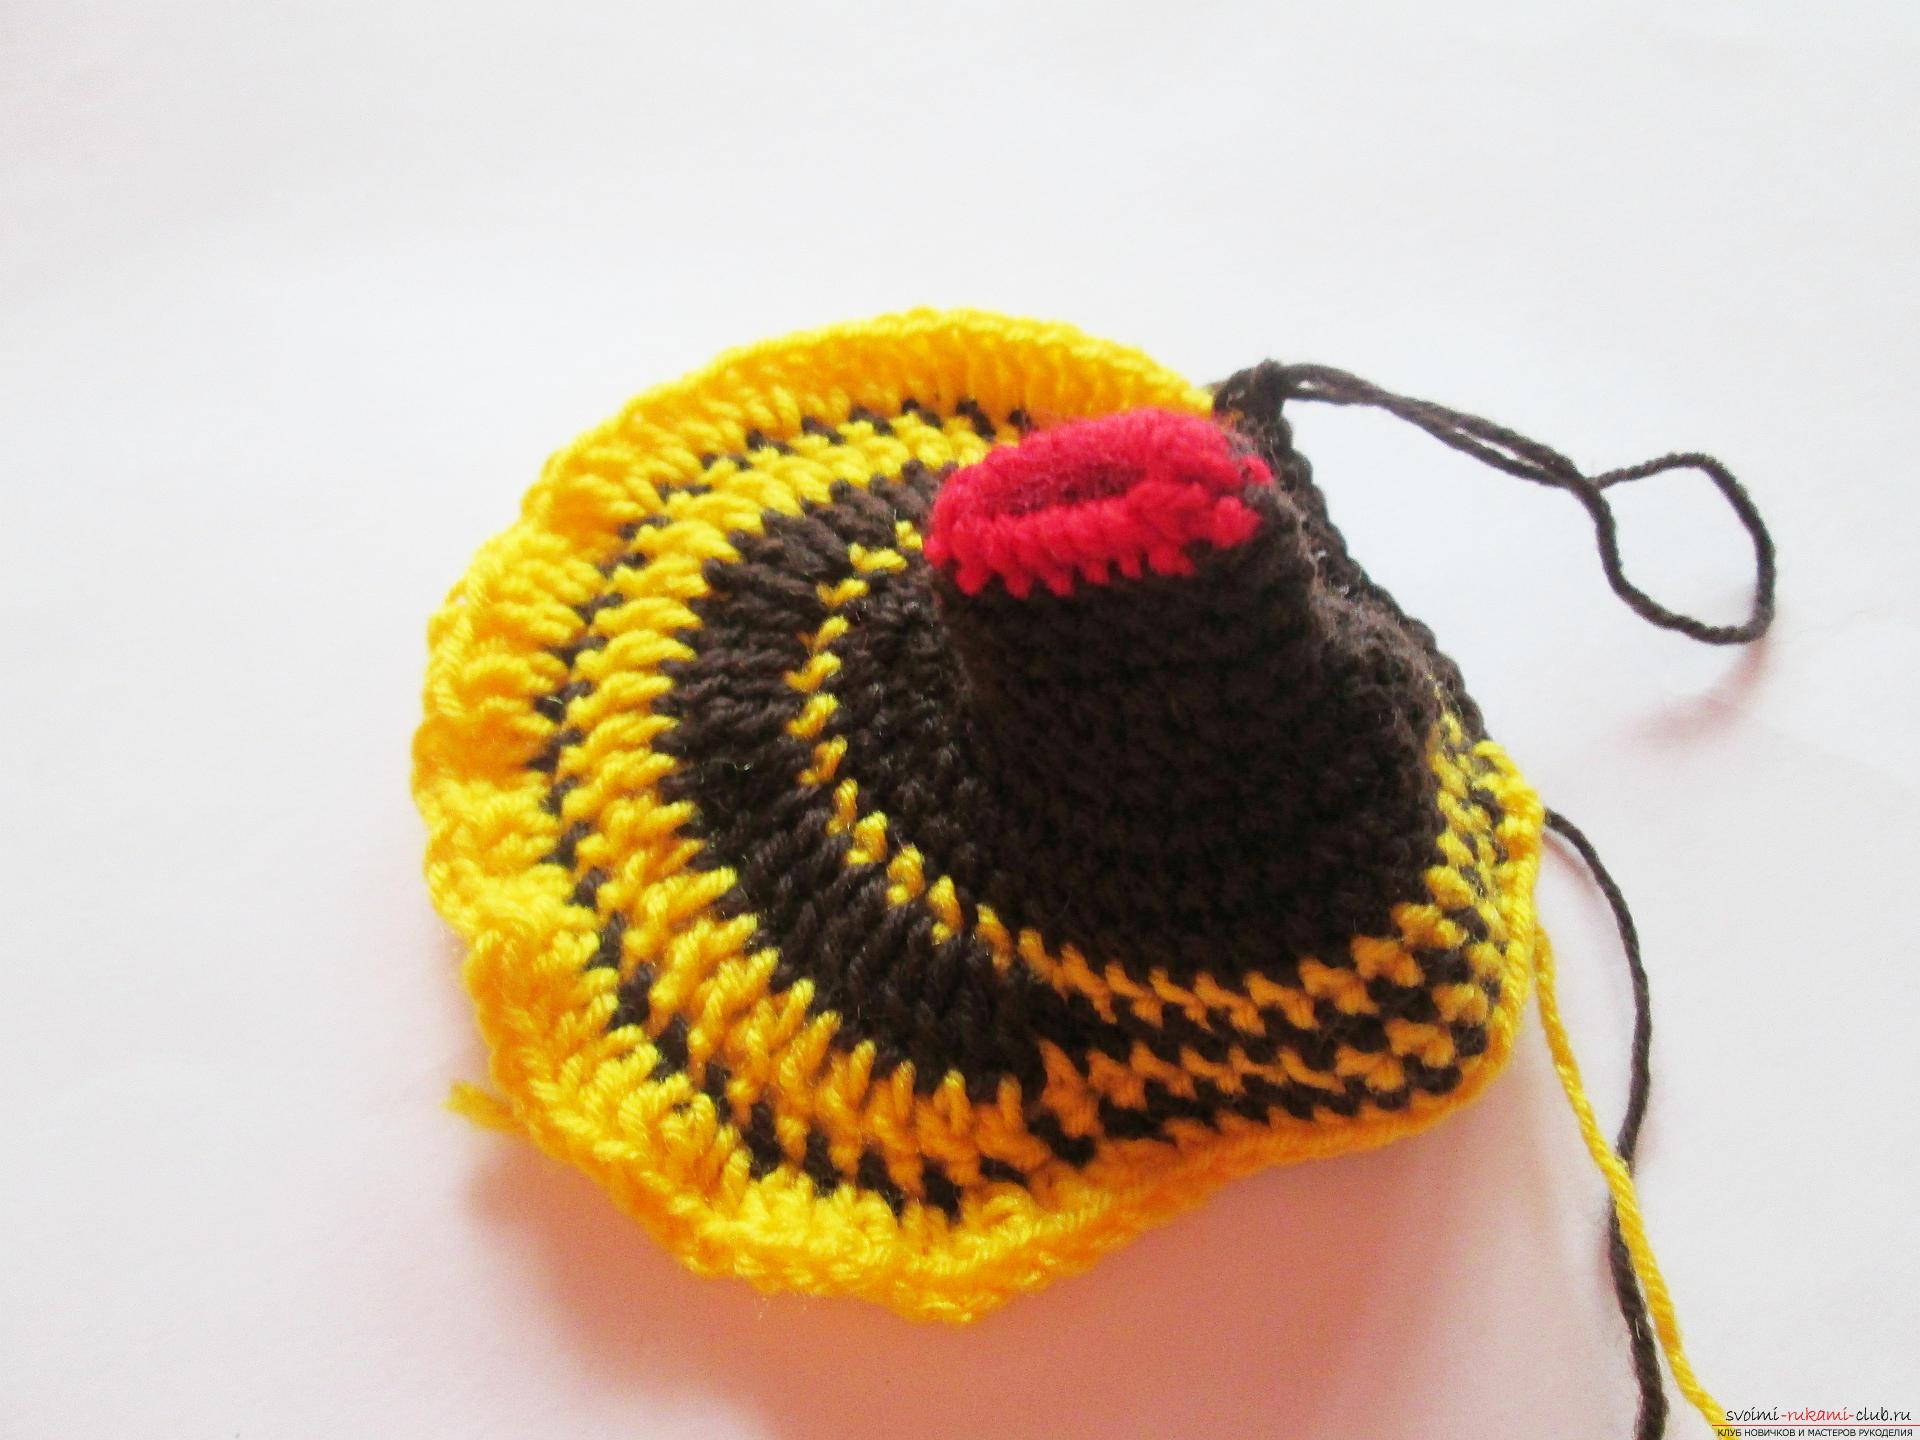 Вязание крючком поделок фото